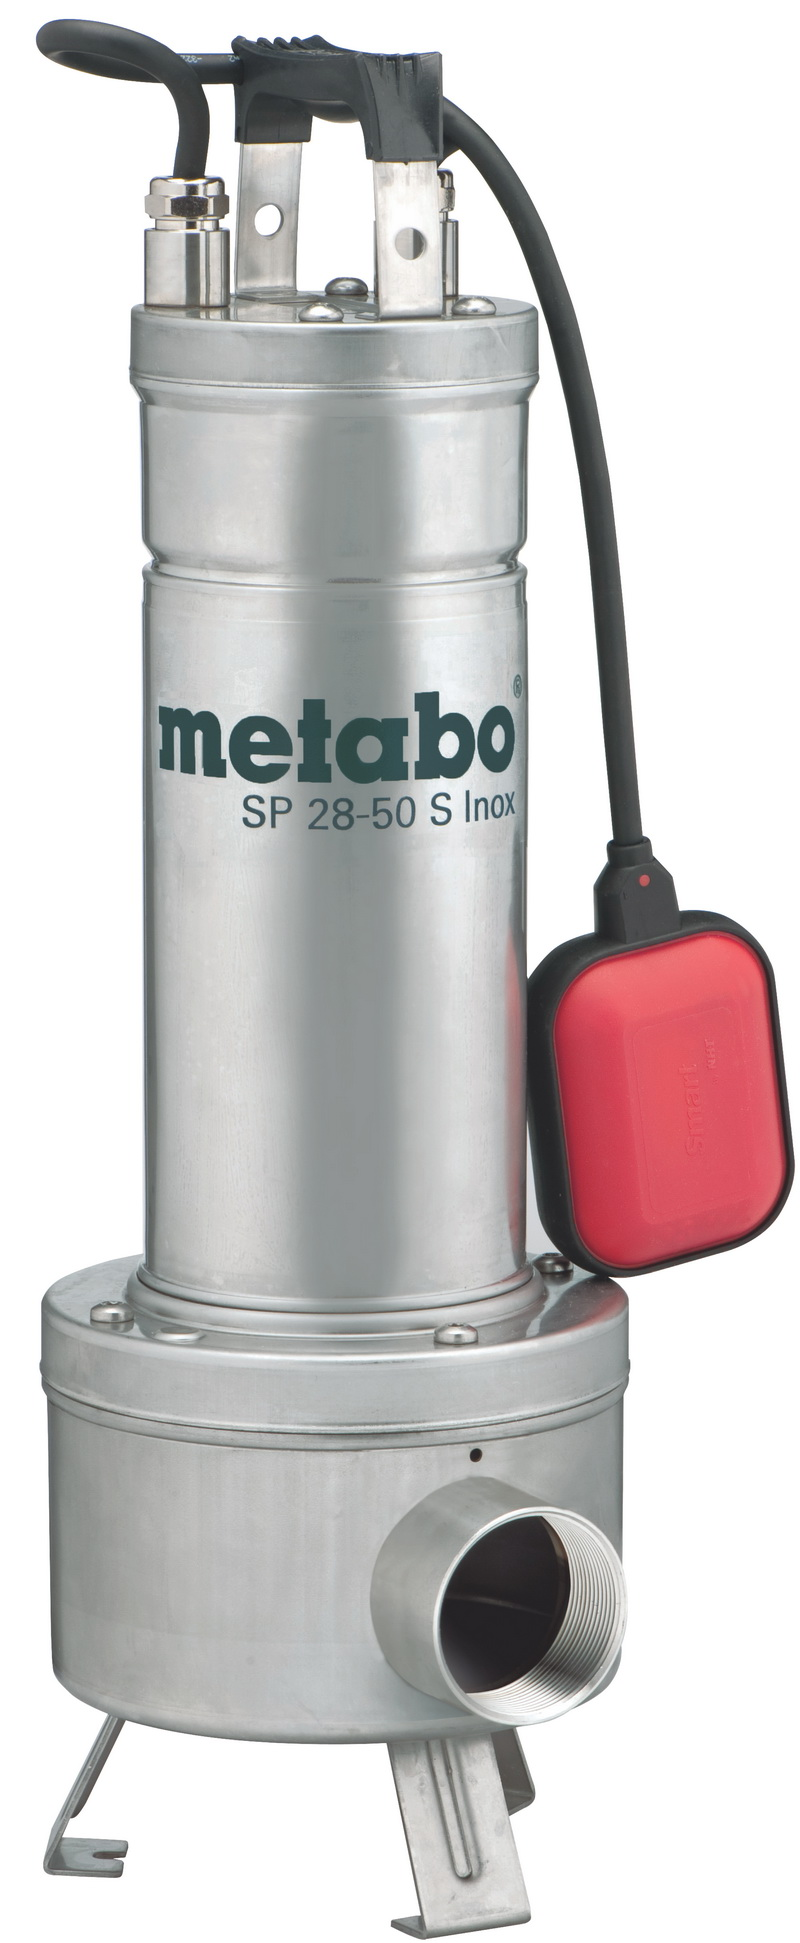 Насос Metabo SP 28-50 S Inox [604114000]Насосы<br>Комплект поставки:<br>- Metabo SP 28-50 S Inox<br>- поплавковый выключатель<br>- сетевой шнур &amp;#40;10 м&amp;#41;<br><br>Особенности модели:<br>- Удобное использование - Насос оборудован рукояткой для удобства транспортировки.<br>- Качественная работа - Поплавковая система включения обеспечивает работу насоса в автоматическом режиме, предотвращая тем самым сухой ход.<br>- Надёжность - Прочный корпус грязевого насоса Metabo SP 28-50 S Inox предохраняет внутренние детали от повреждений и способствует продлению срока службы.<br><br>Преимущества:<br>- Диаметр твердых частиц в перекачиваемой жидкости диаметром...<br>